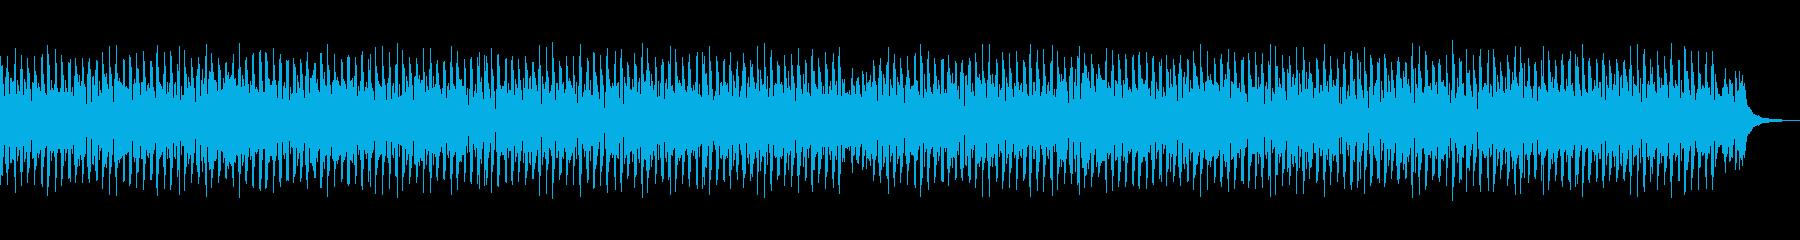 ハウス・爽やか・ポップ・ランニングの再生済みの波形